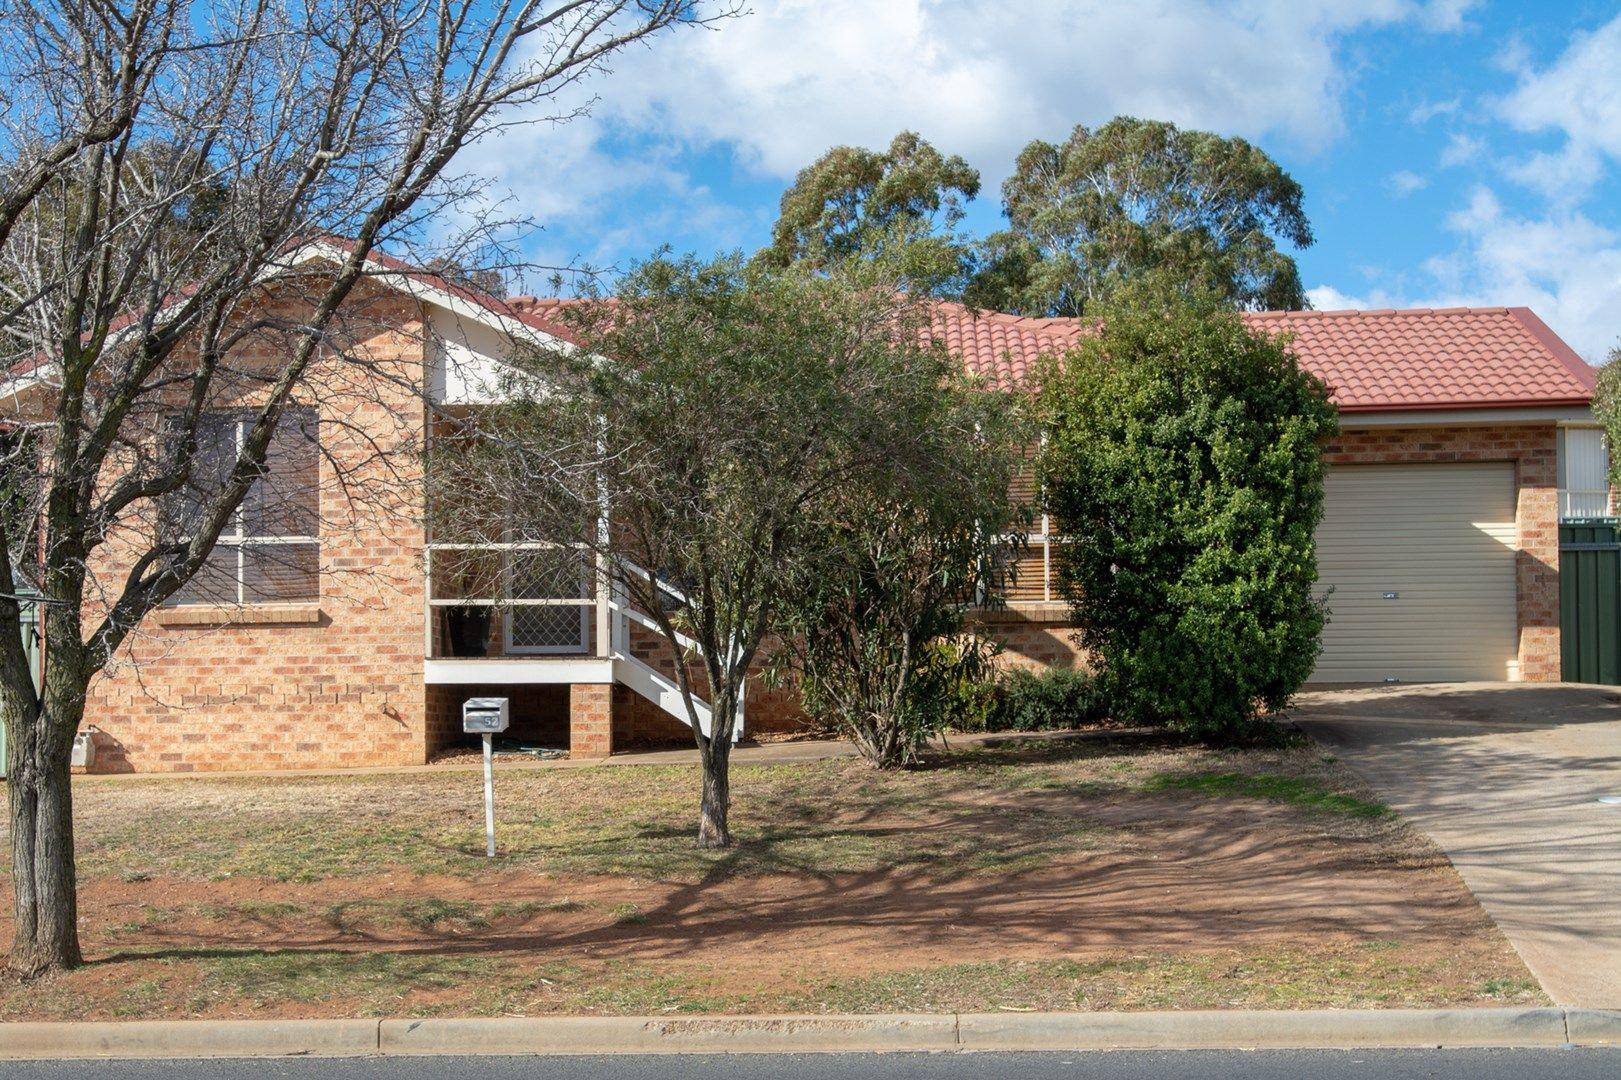 52 ELSHAM AVENUE, Orange NSW 2800, Image 0